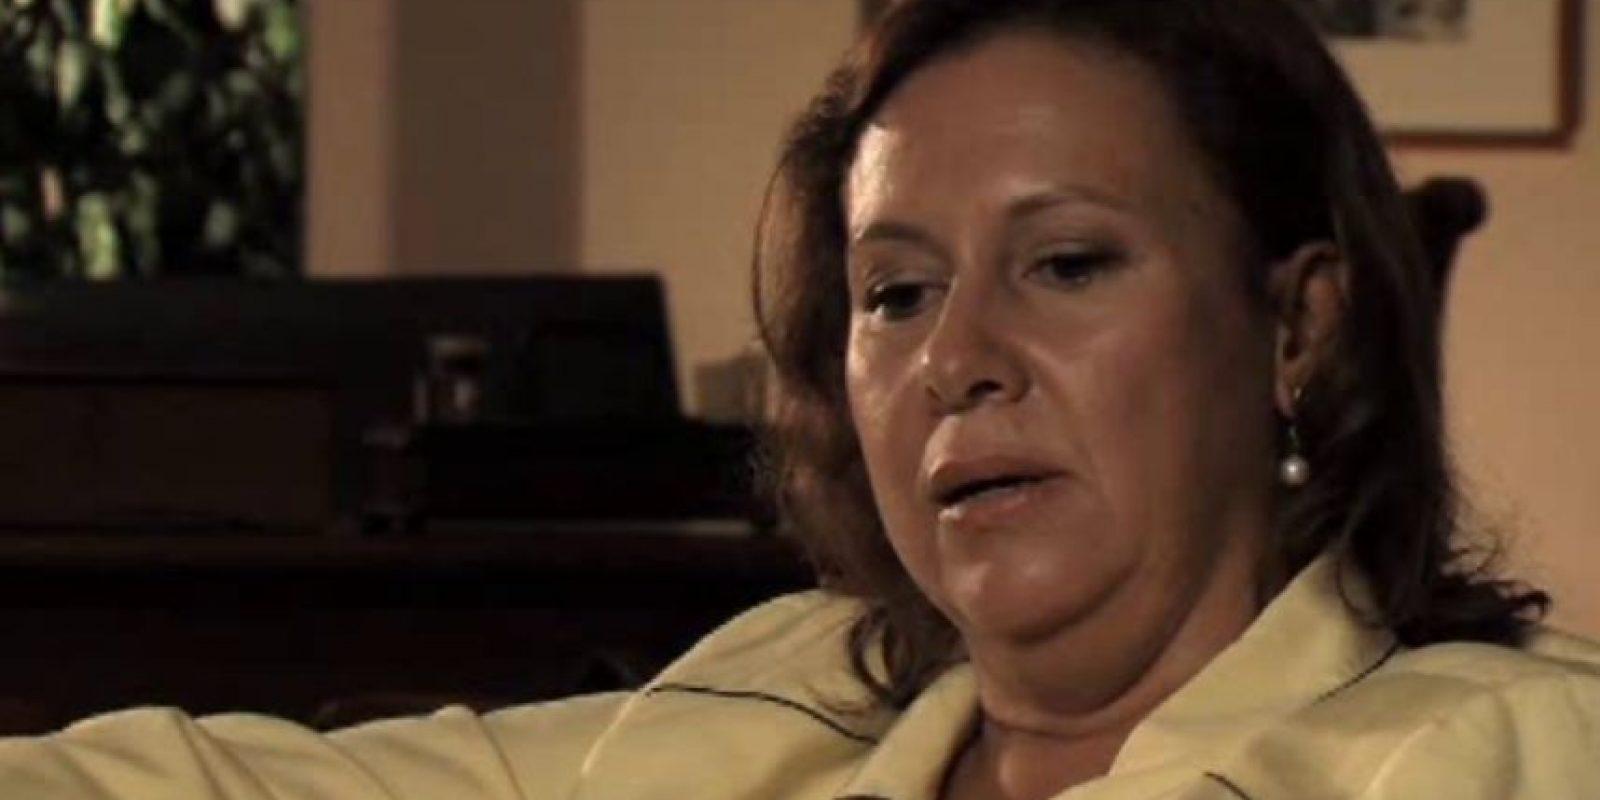 """María Victoria Henao, al contrario que muchas esposas de narcos, no ostentaba. La llamaban """"La Tata"""" y sabía de las infidelidades de su marido. Foto:vía Youtube"""